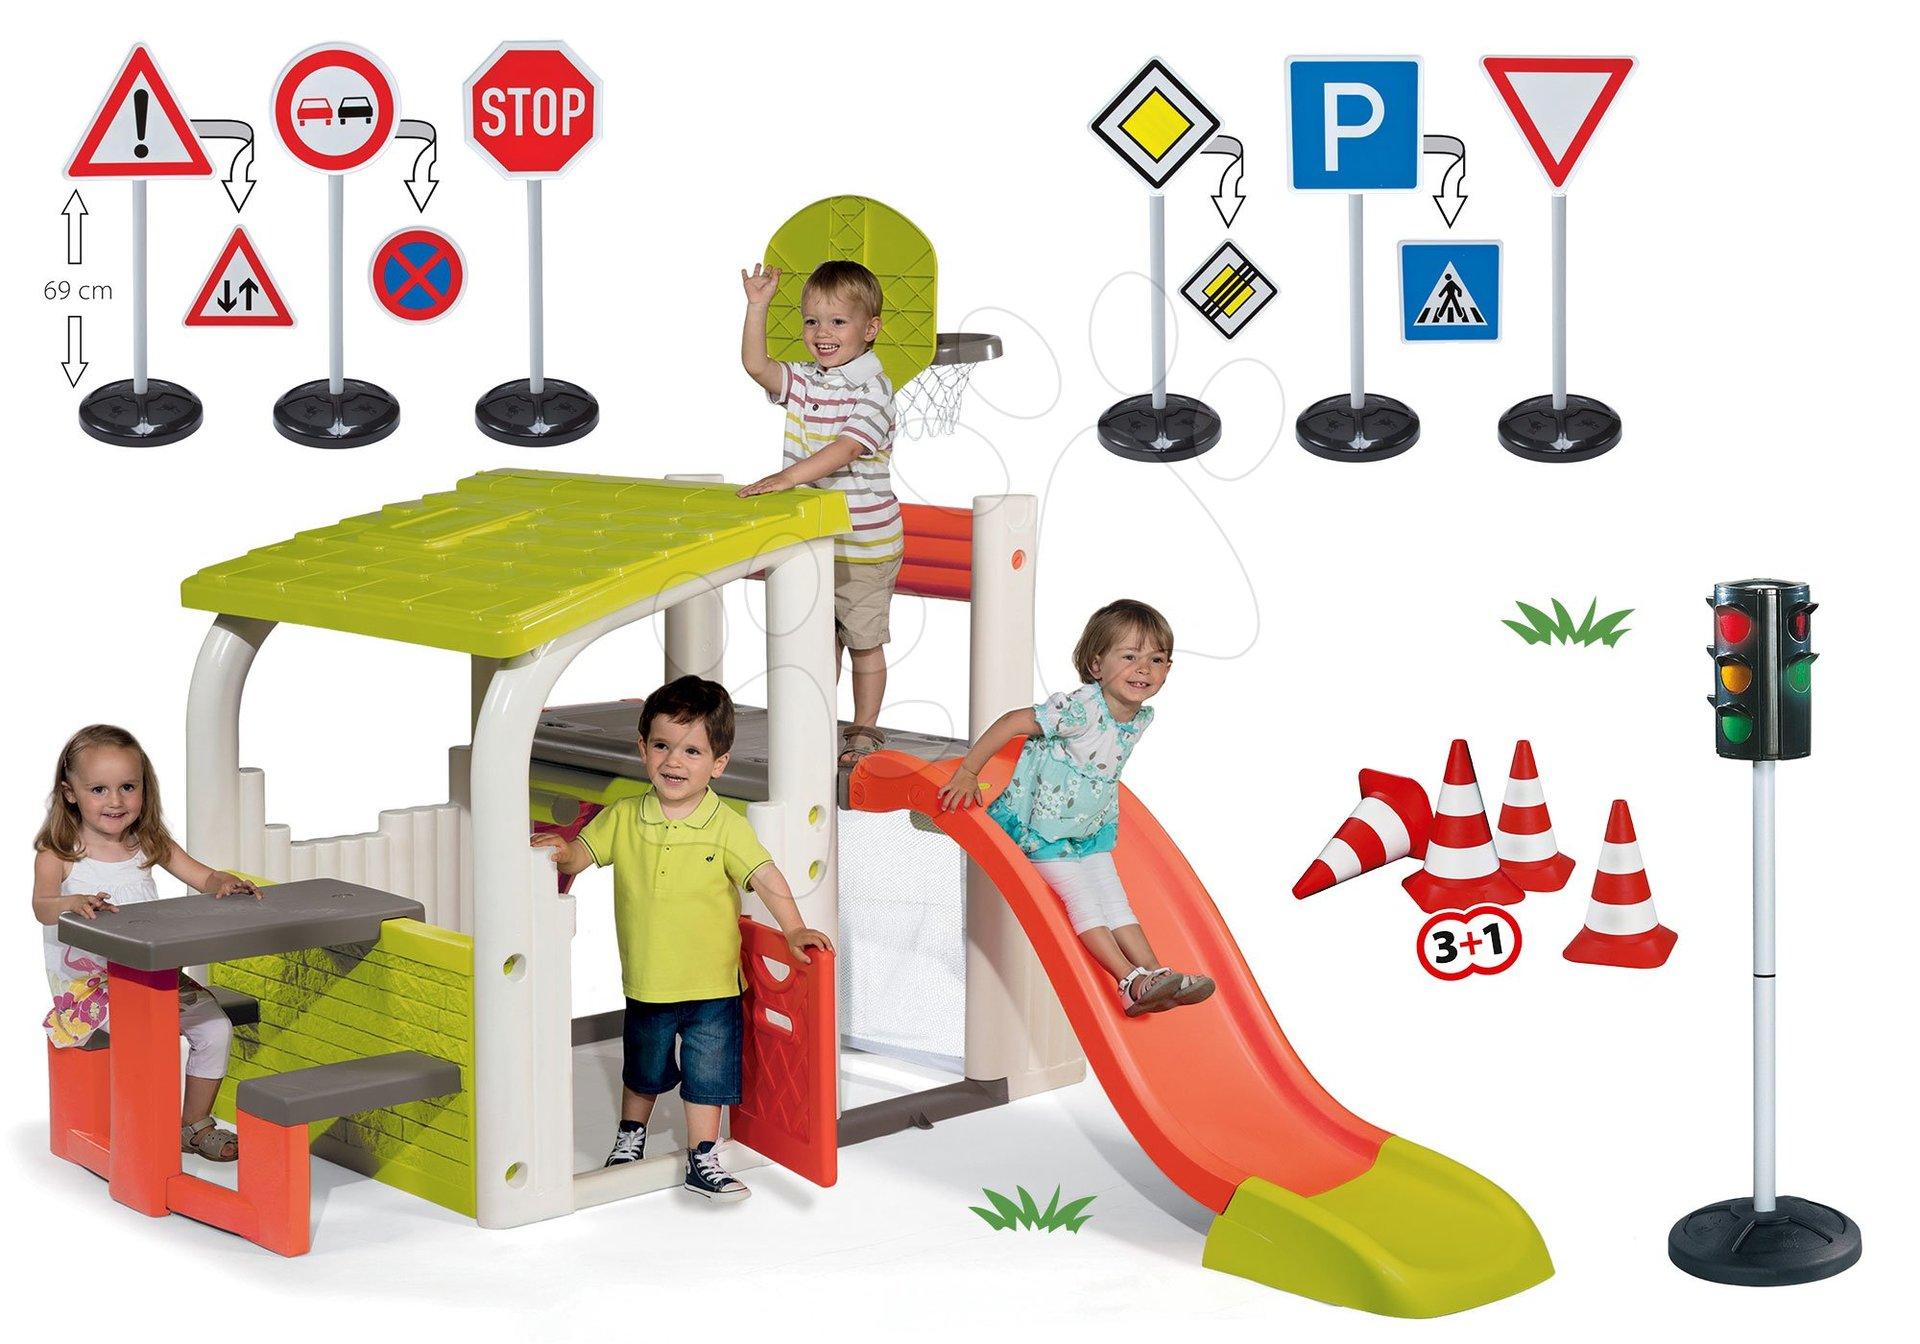 Szett játszótér Fun Center Smoby csúszdával hossza 150 cm, automatikus jelzőlámpa, közúti jelzőtáblák és jelzőbóják 24 hó-tól